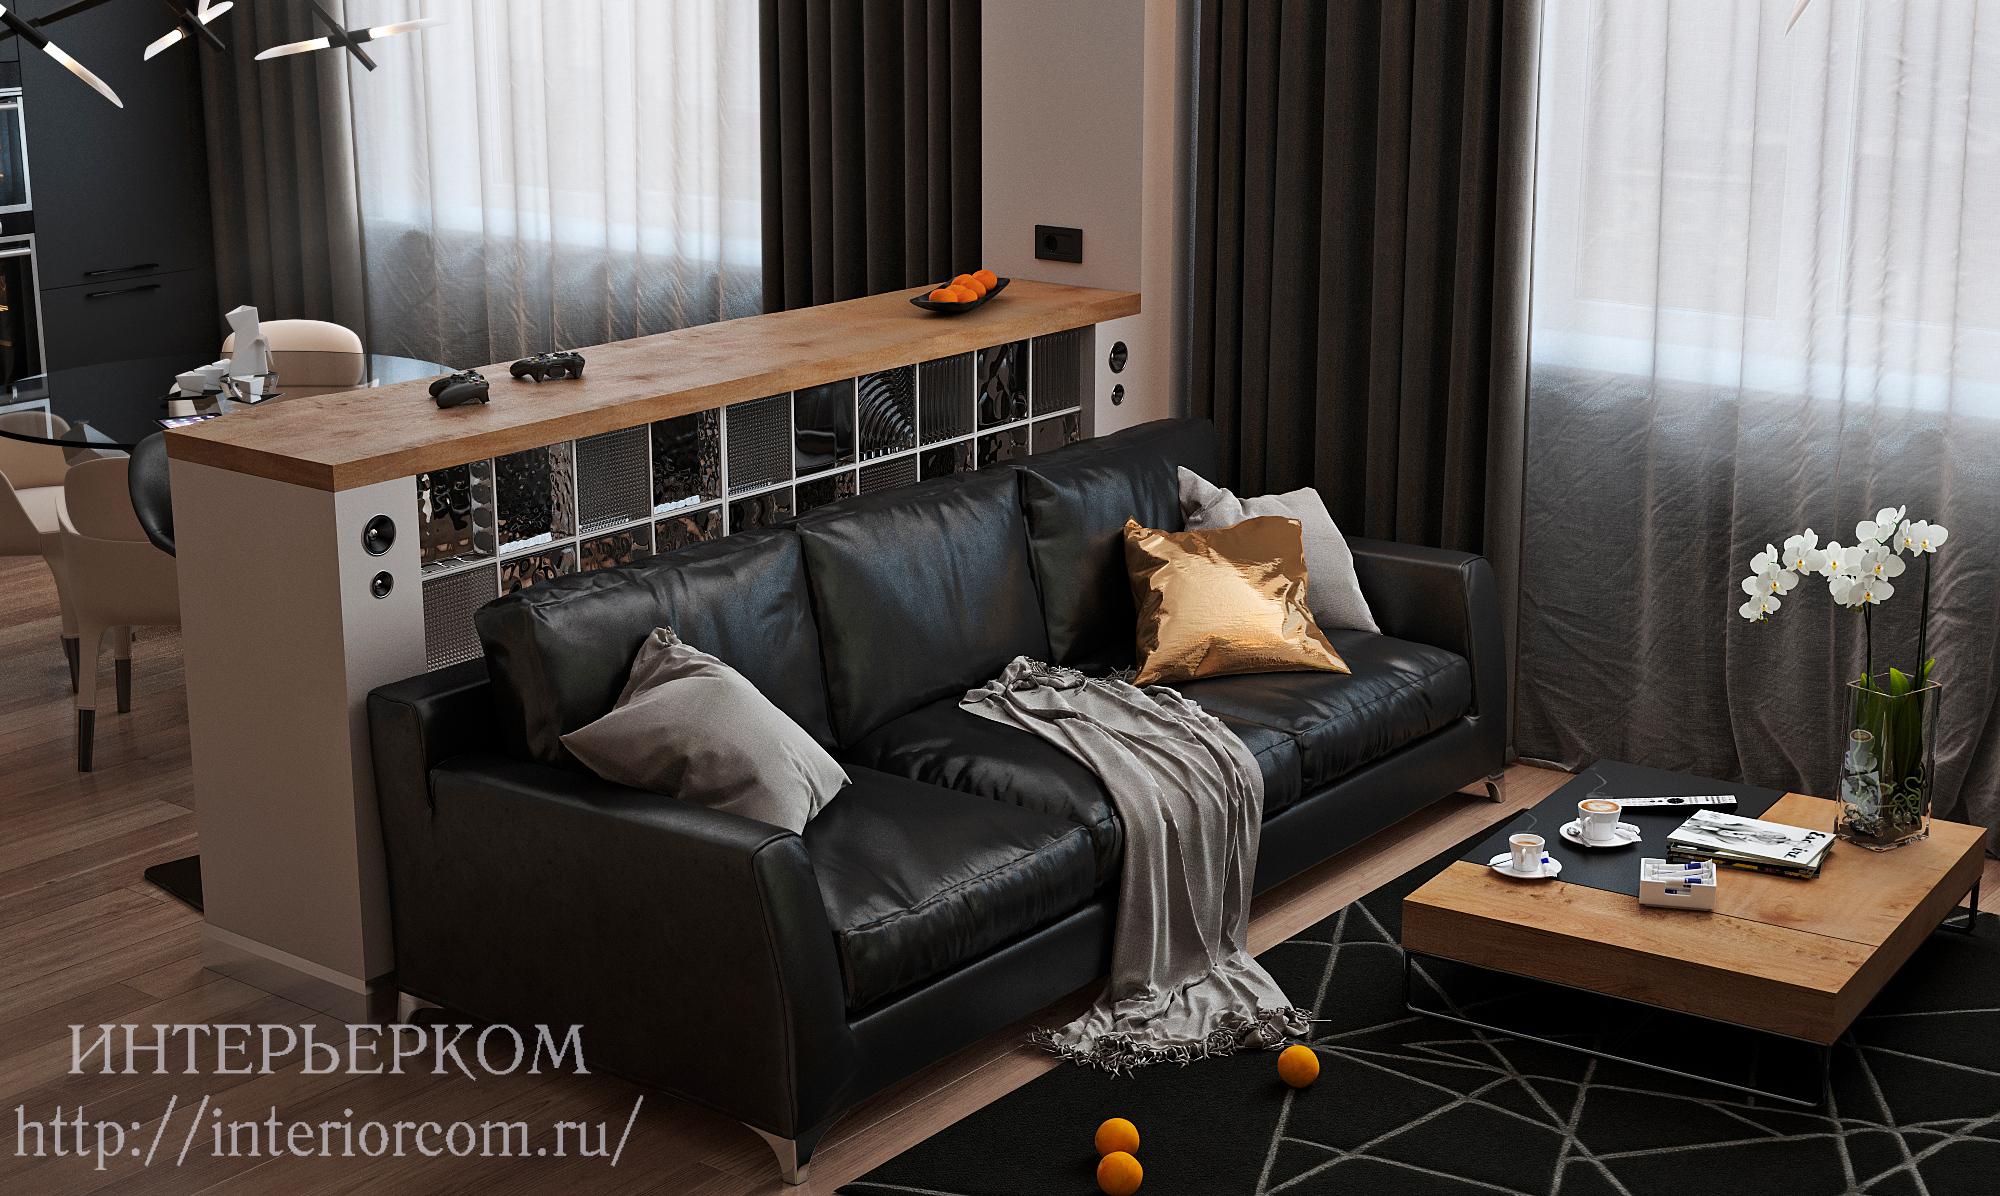 гостиная в мужском интерьере